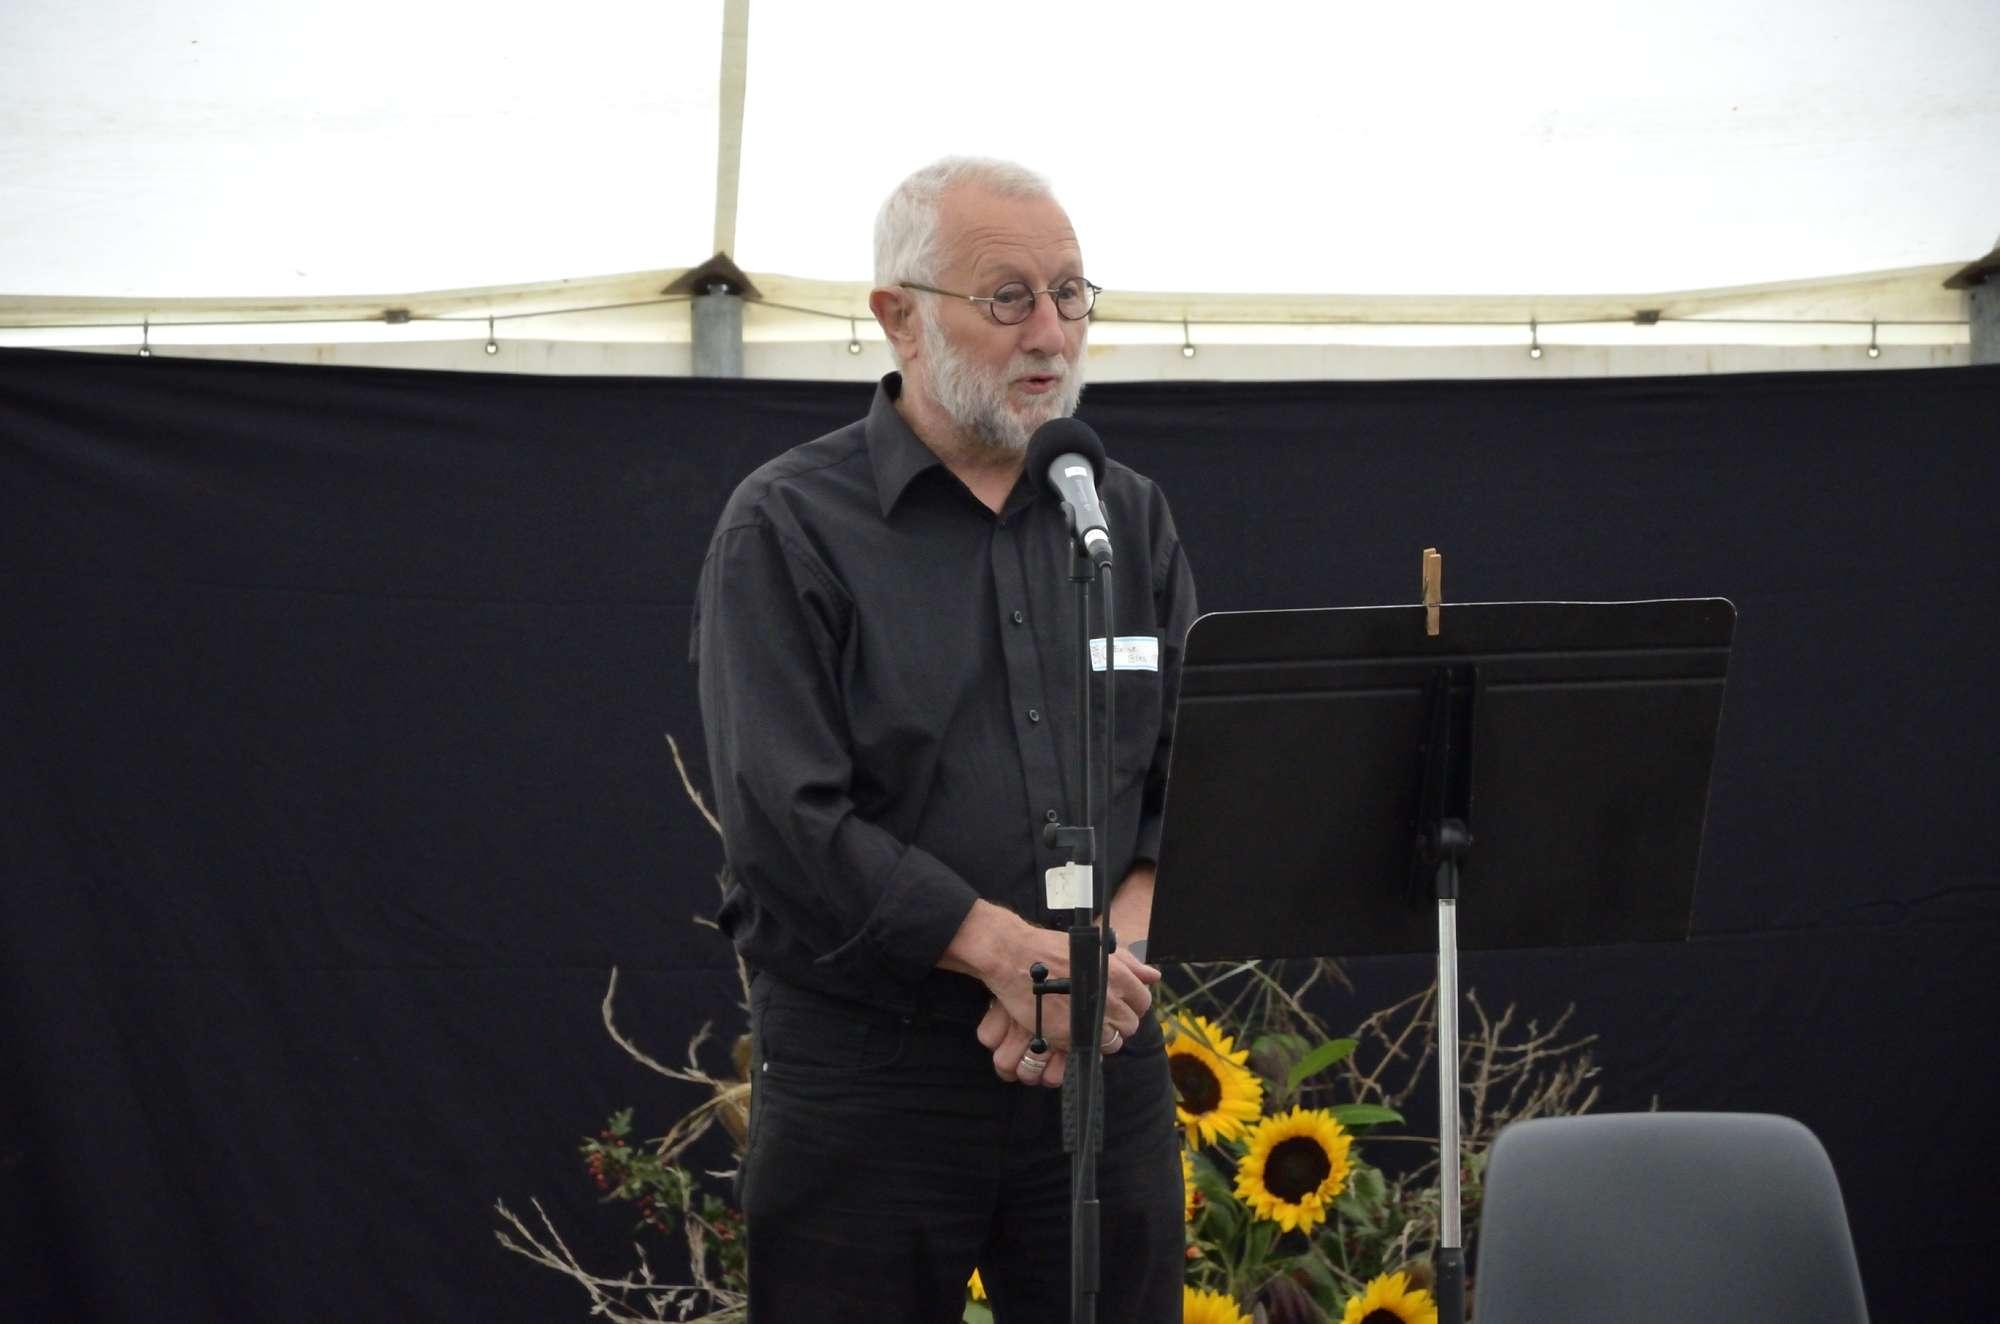 Geslaagd symposium DOK-C op het festivalterrein BRF